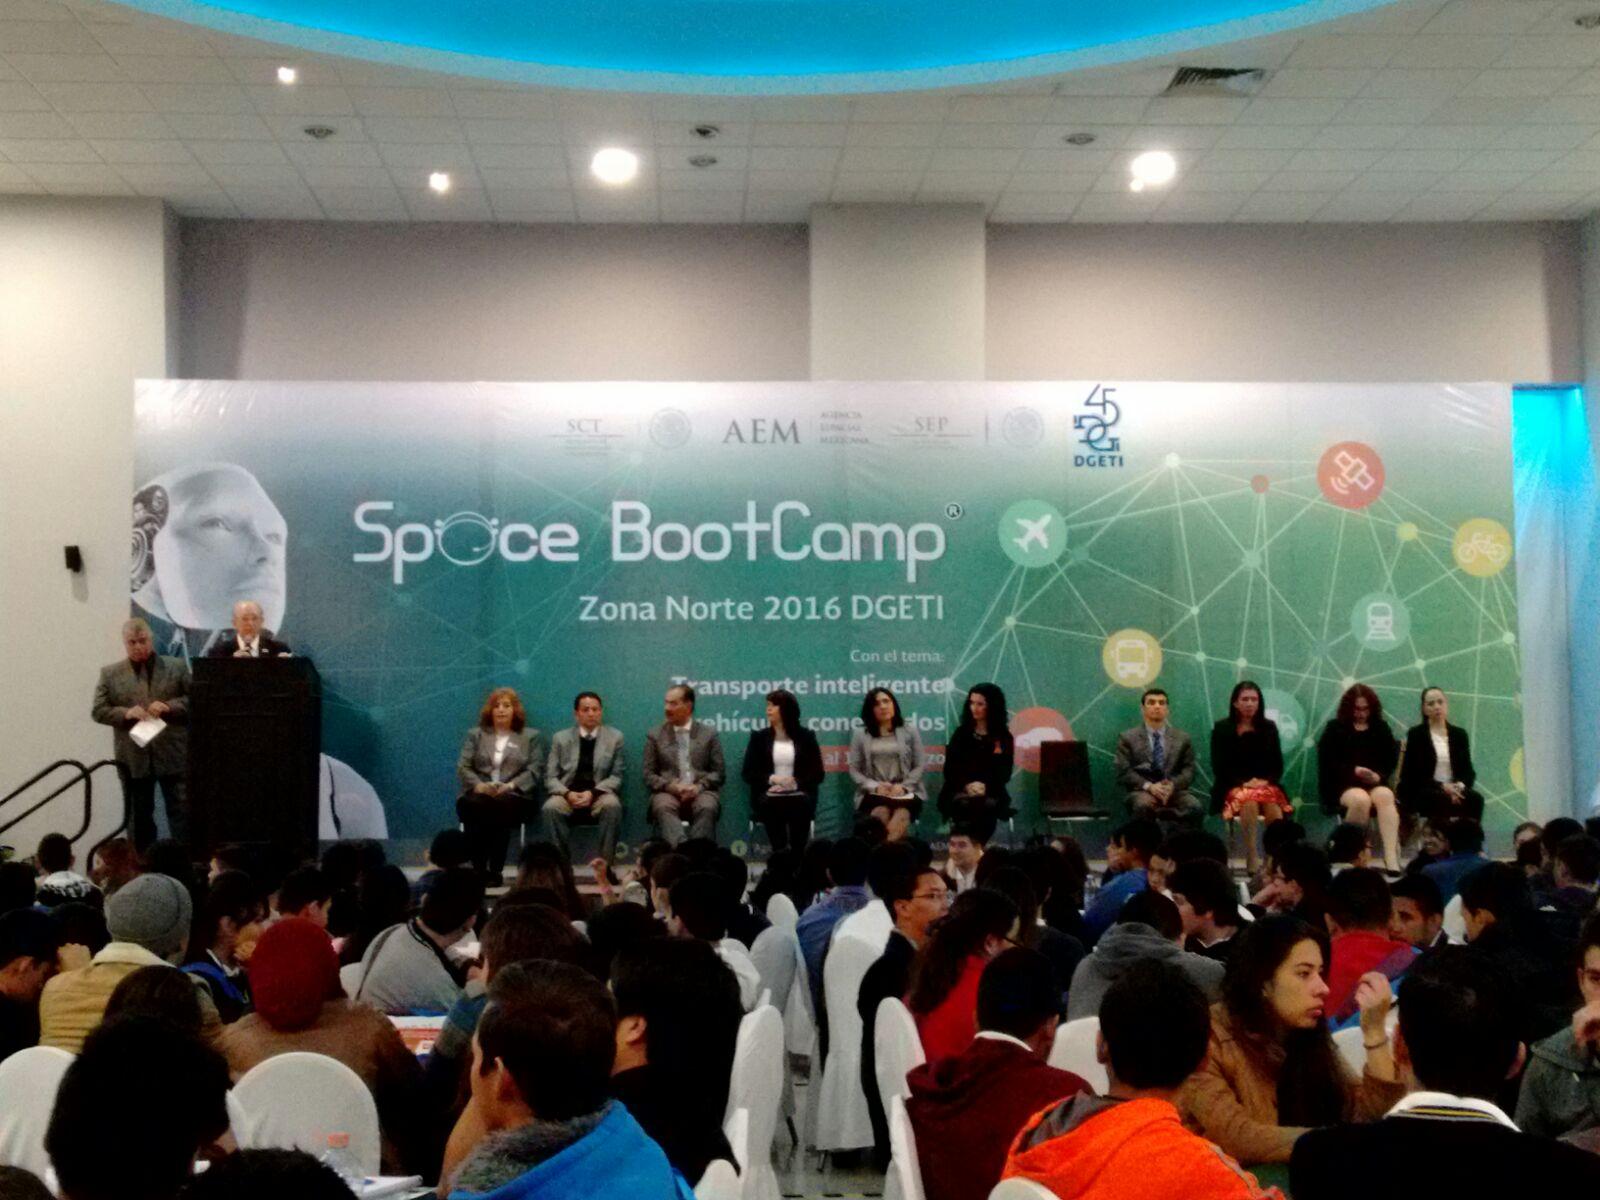 Agencia Espacial Mexicana efectuó Space Bootcamp, para promover innovación y desarrollo de tecnología con jóvenes